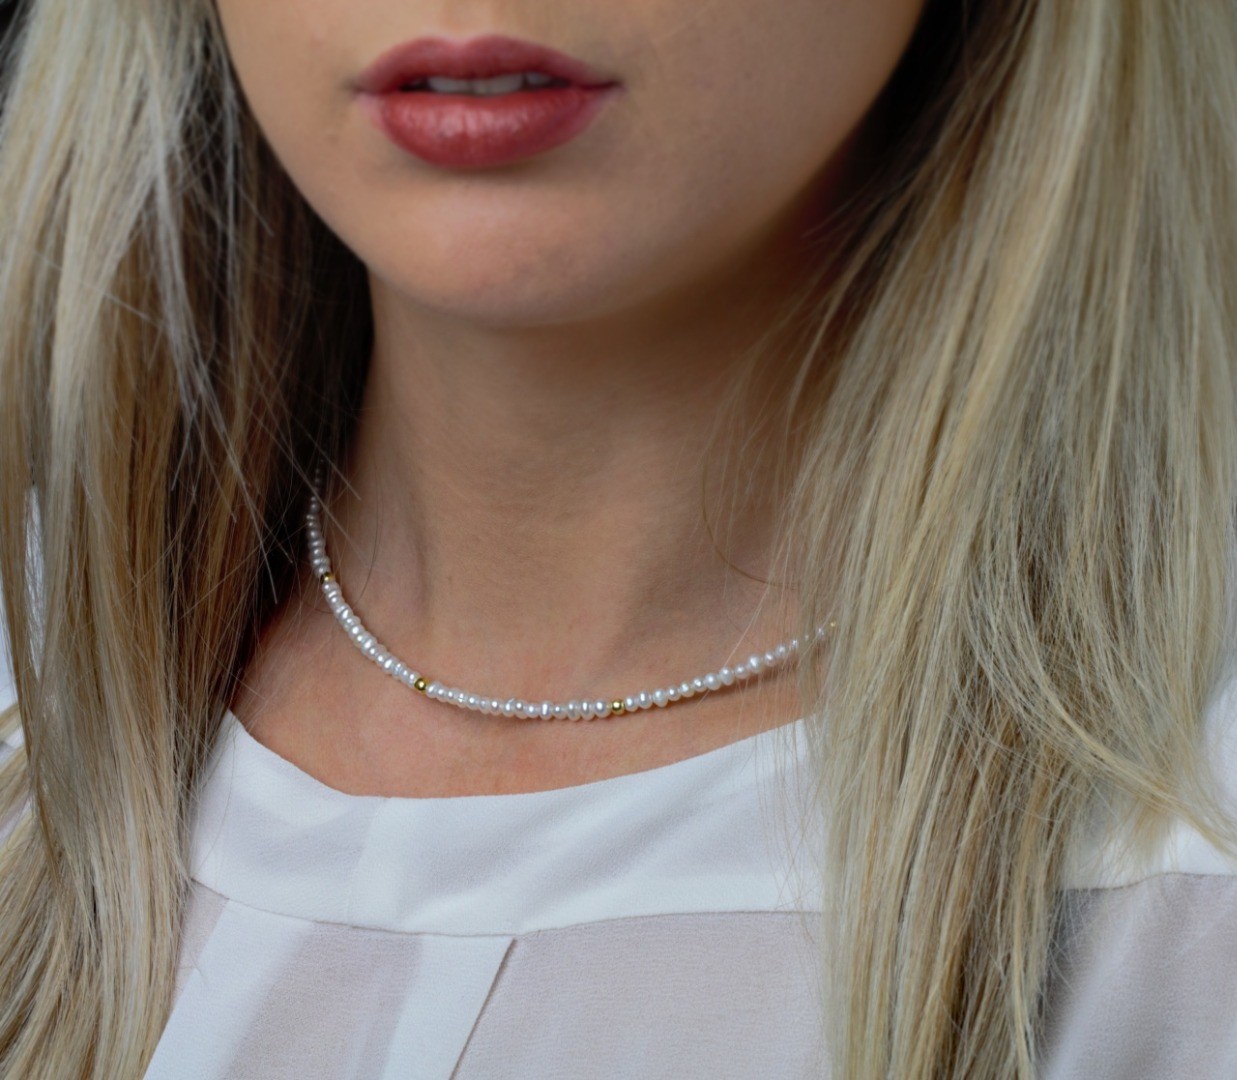 Feine Perlenkette aus echten Süßwasser-Perlen